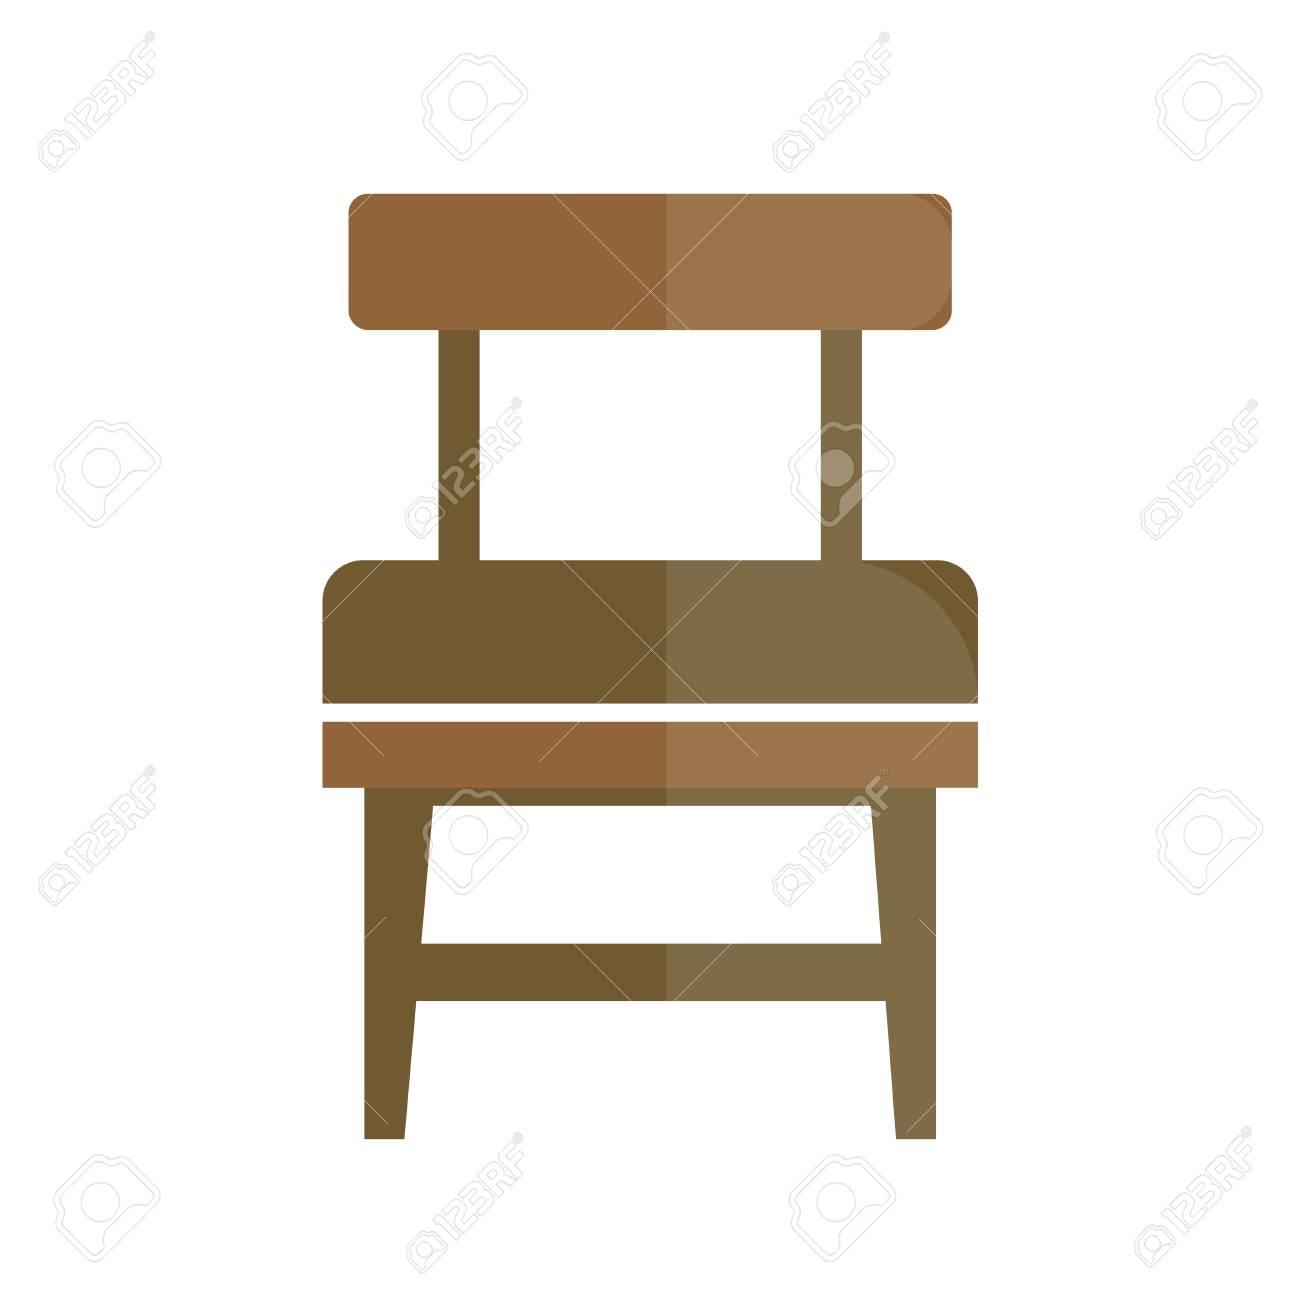 Sige Rtro Lgant Avec Icne Arrire Confortable Chaise Vintage